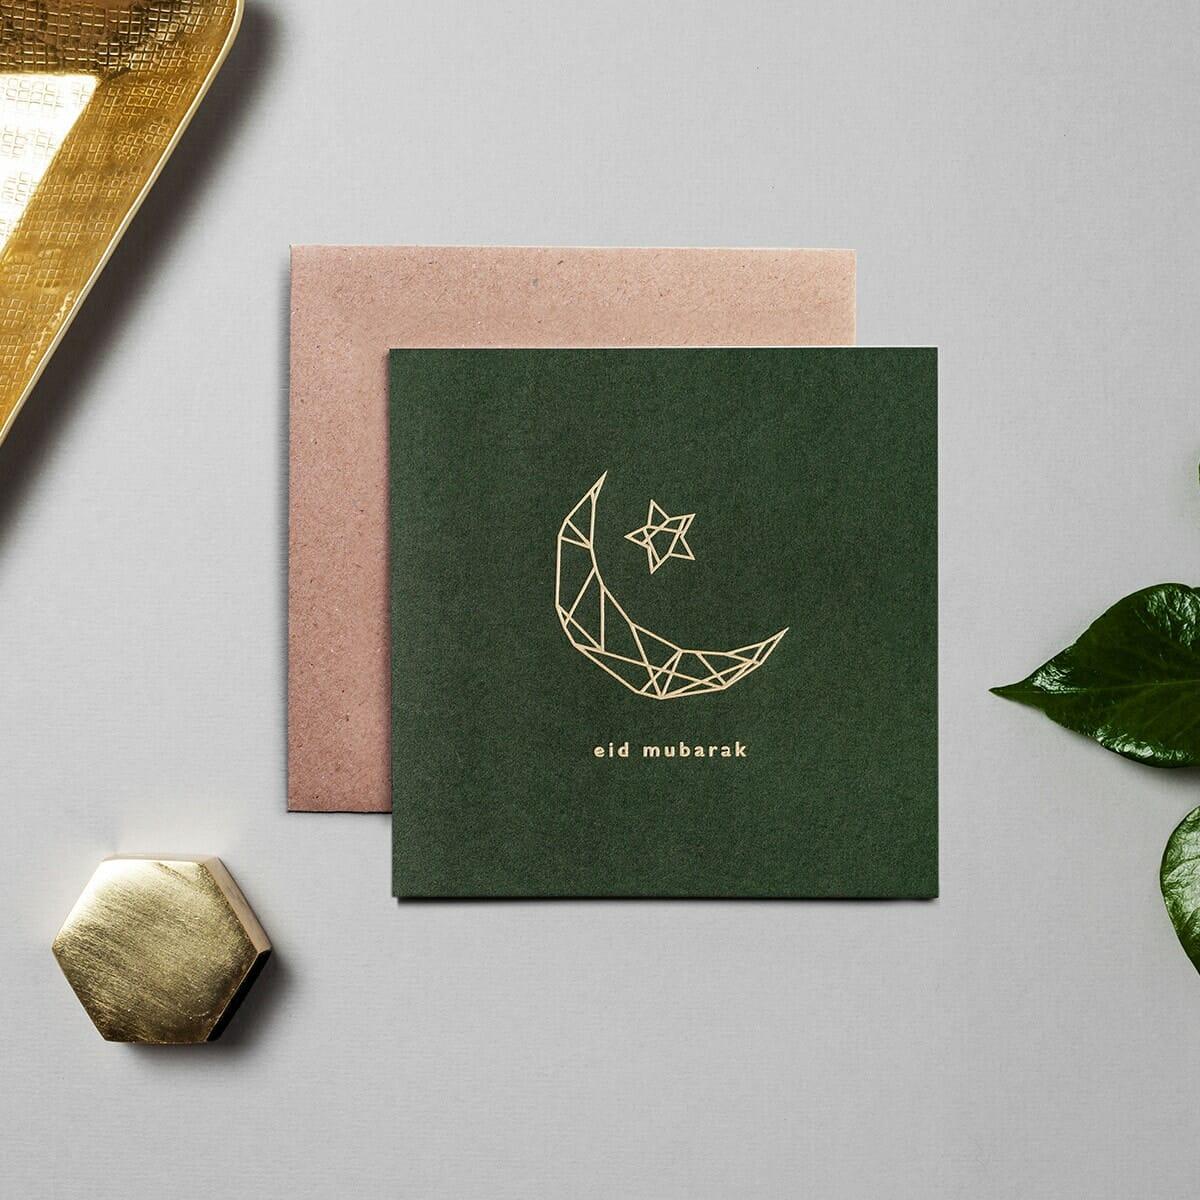 mono eid mubarak greeting card  peace  blessings